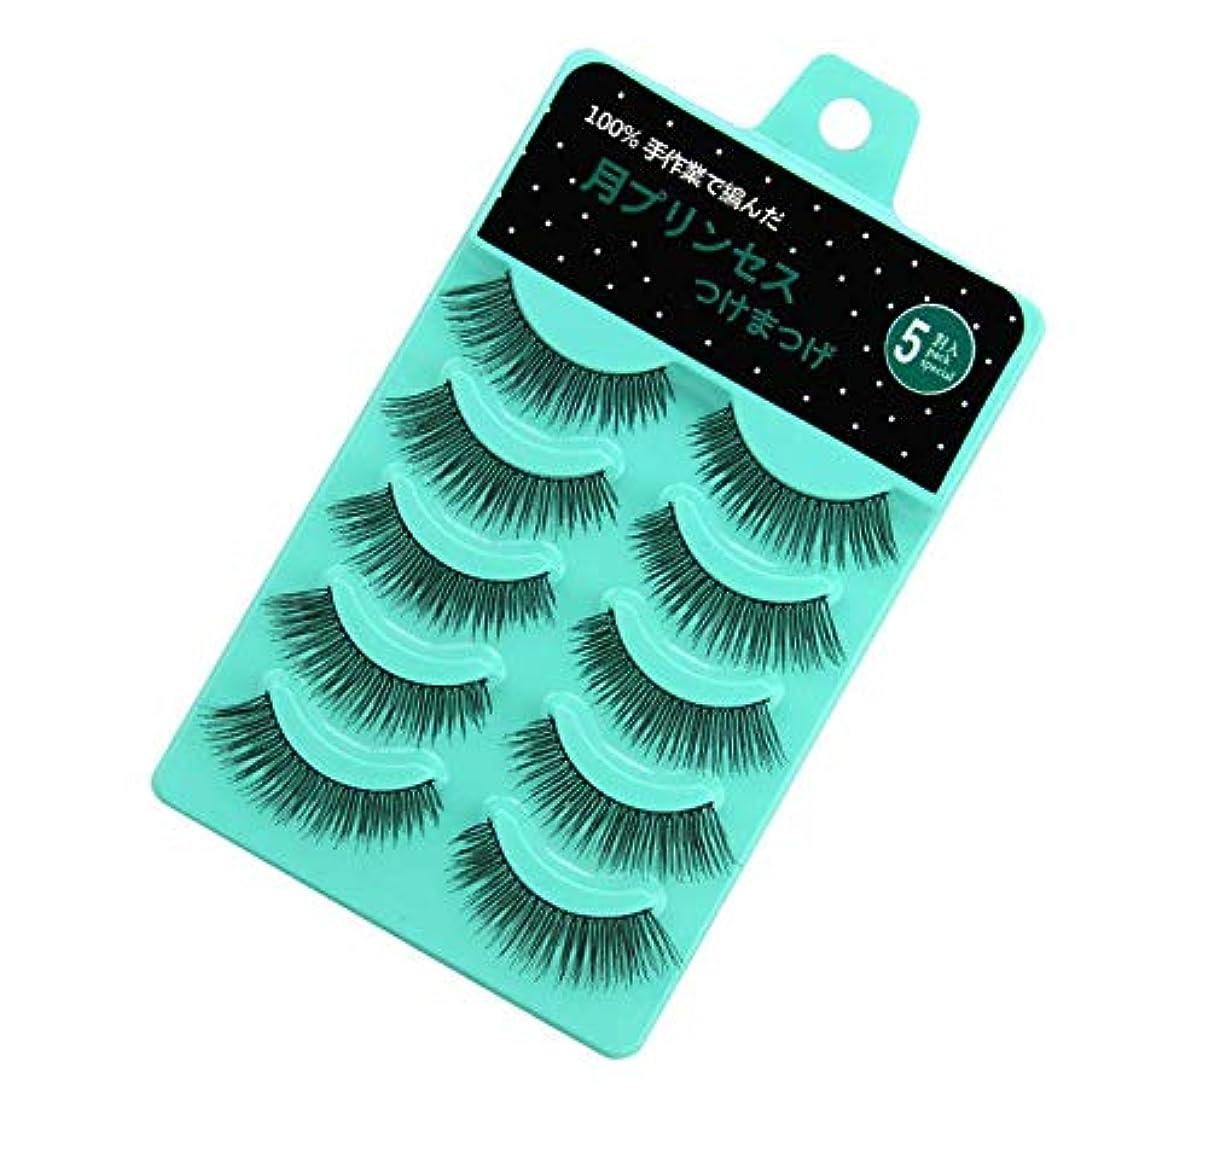 原理ましい悩みHNYYZL つけまつげ ミンクつけまつ毛 10ペア グラマラスボリュームアイラッシュ ふんわりロングまつ毛 極薄 濃密 超軽量 高級繊維